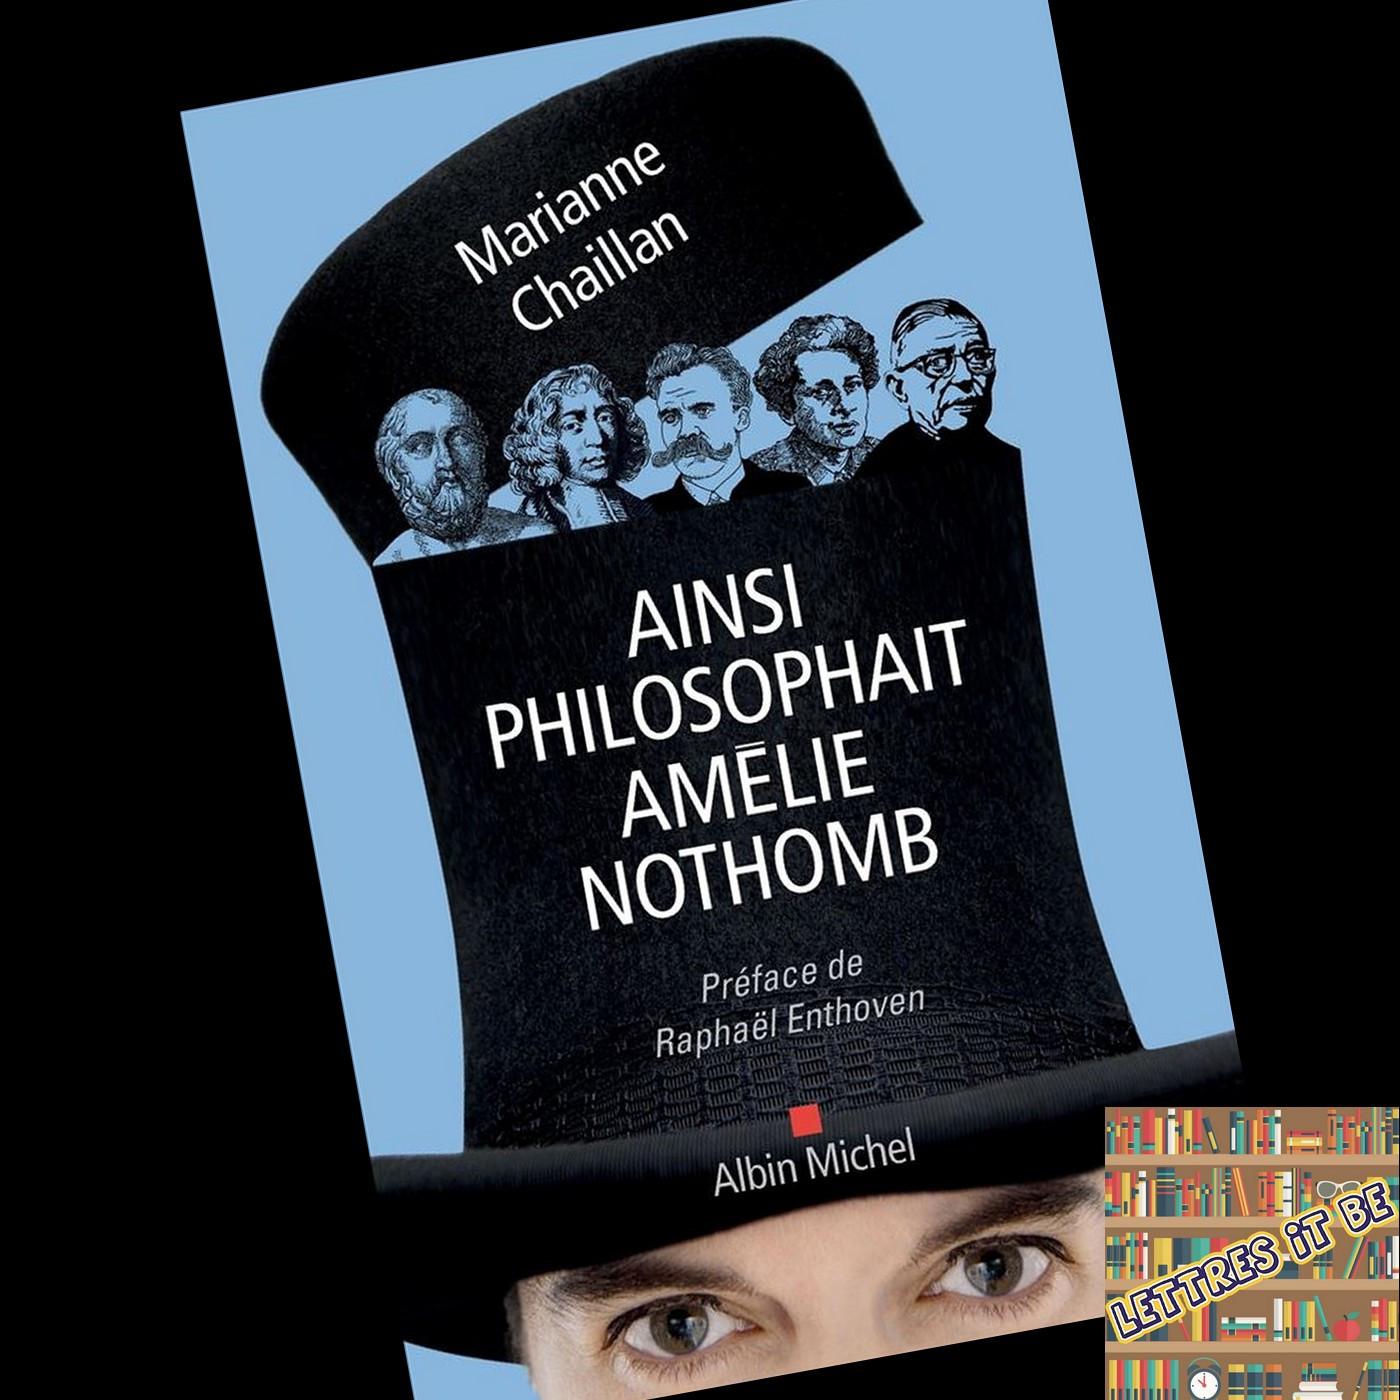 Critique d'Ainsi philosophait Amélie Nothomb de Marianne Chaillan (Livre)